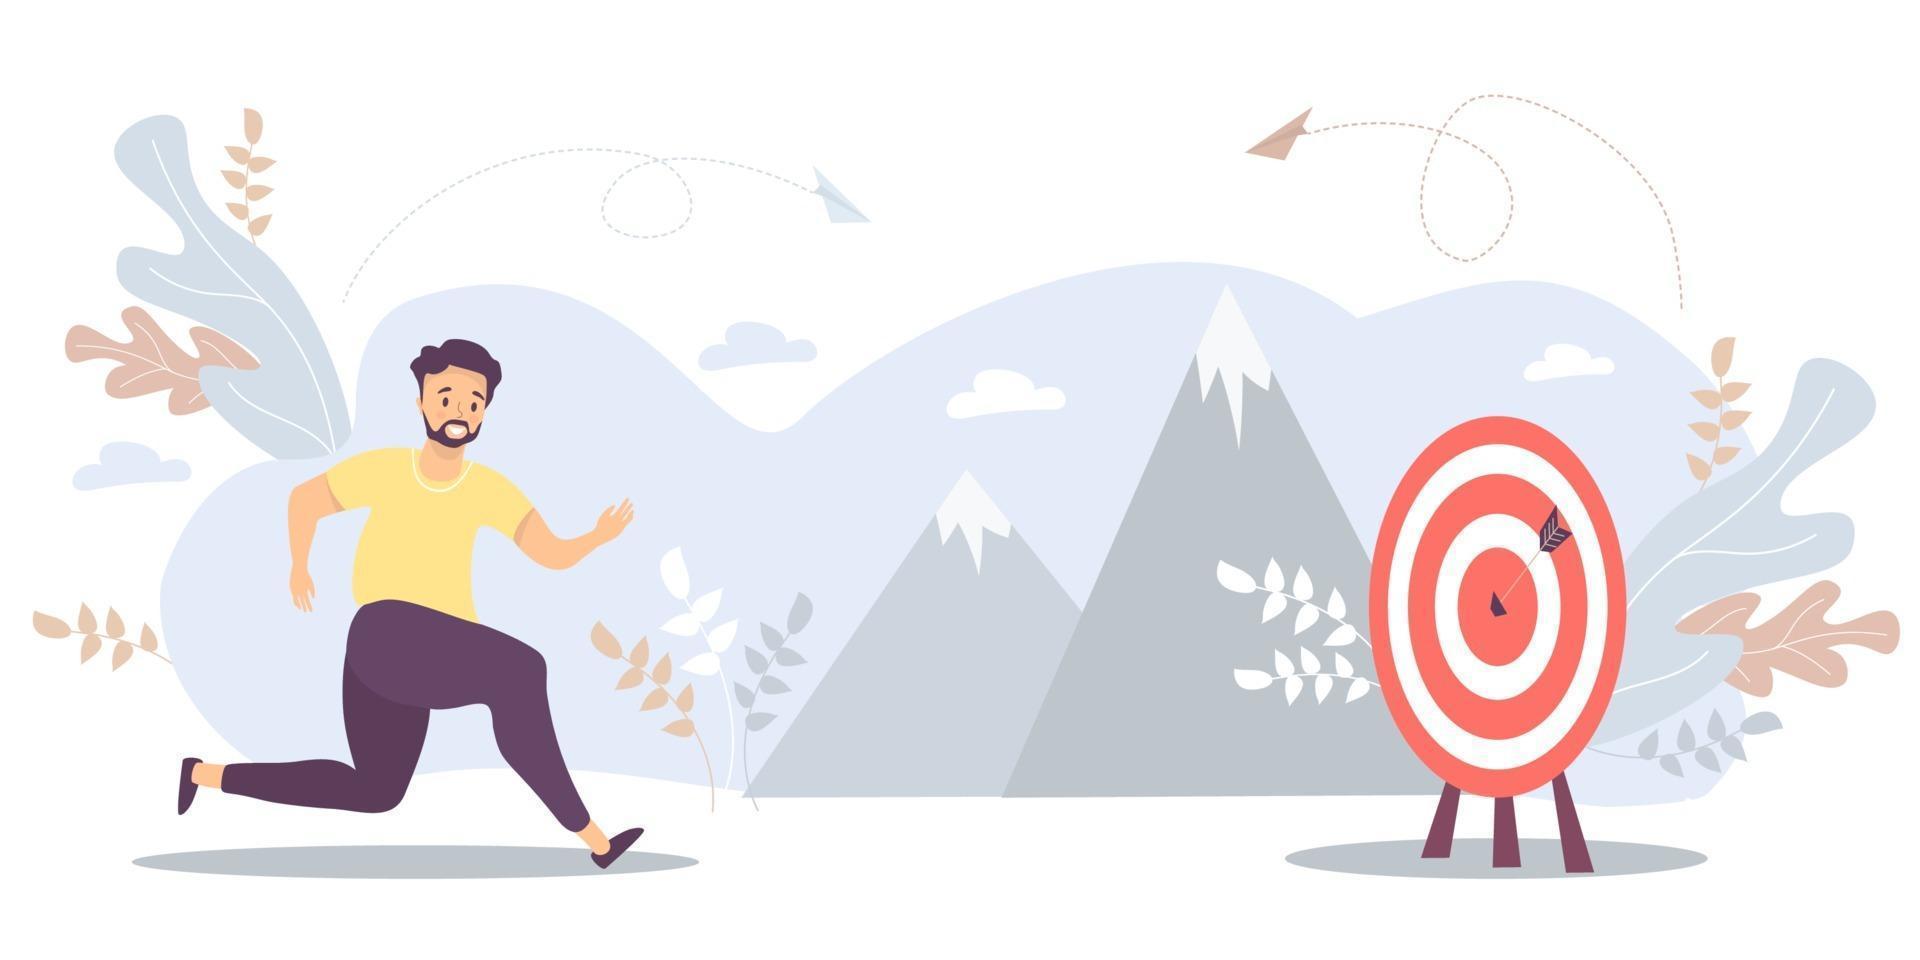 o homem corre para seu objetivo, move a motivação para o alvo, o caminho para o auge do sucesso. vetor para tarefa, objetivo, realização, negócio, conceito de marketing. conceito do caminho para alcançar a meta